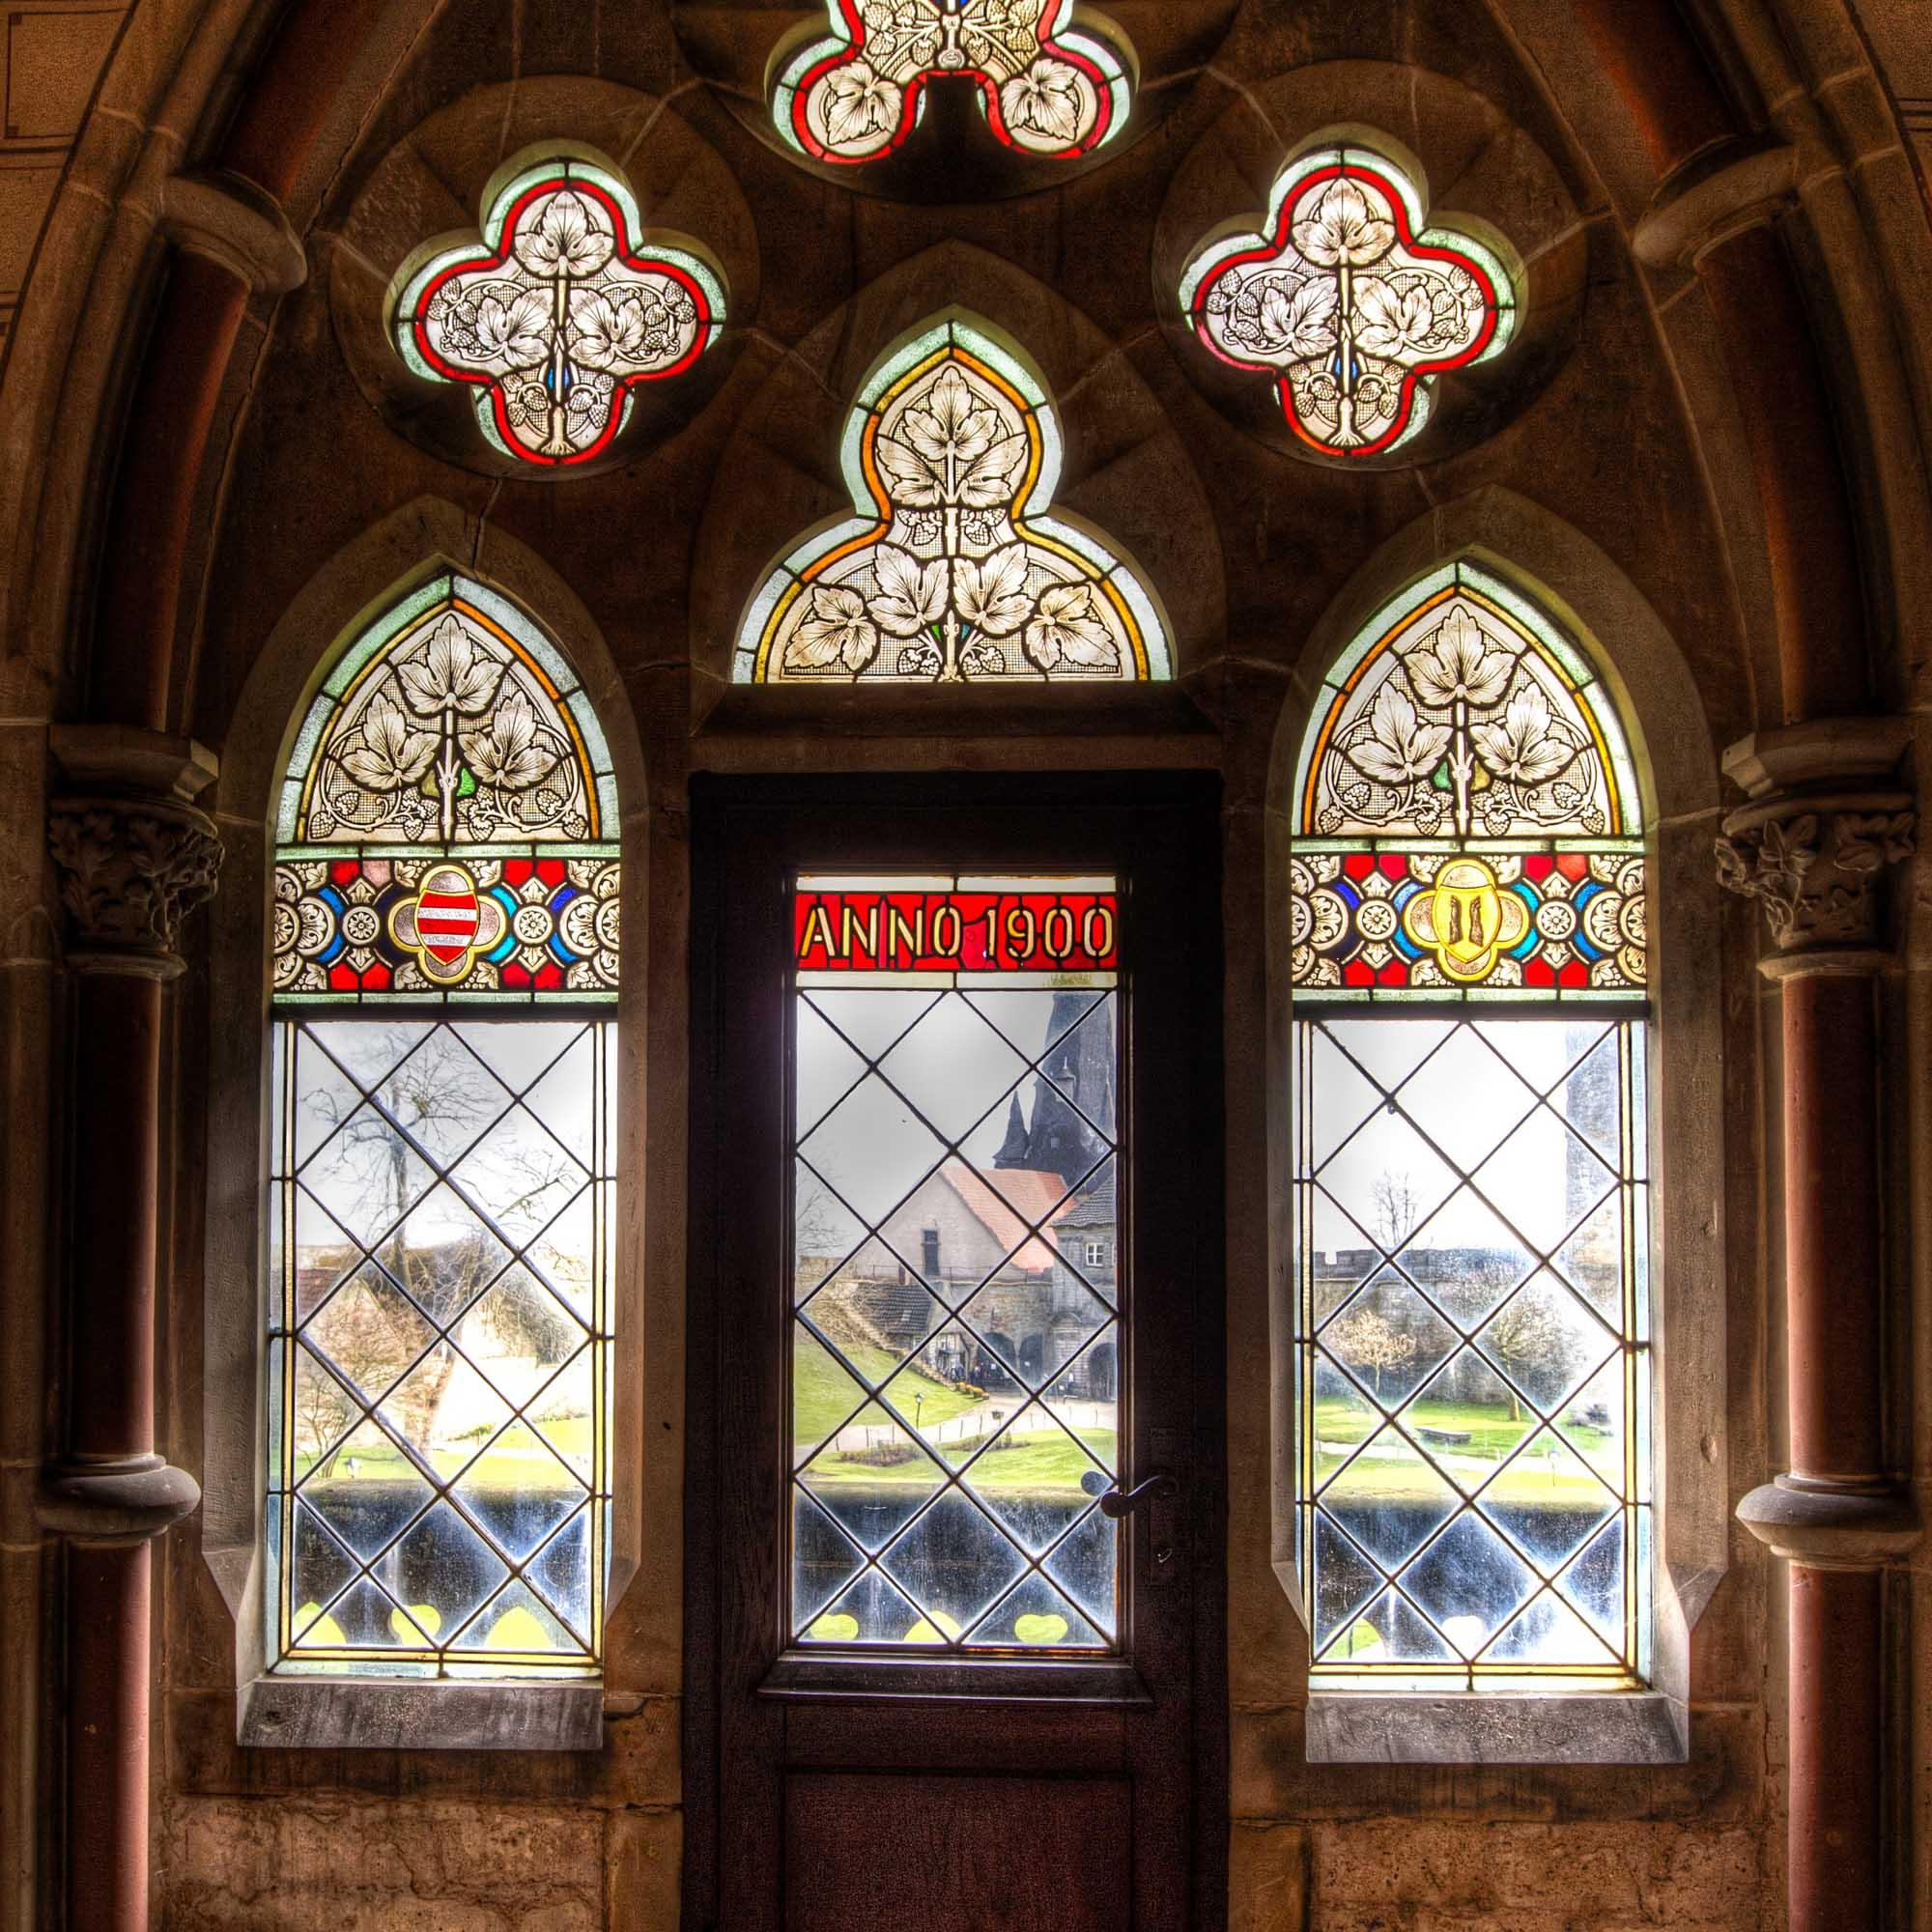 Kijkje op het binnenhof van de Burcht Bentheim